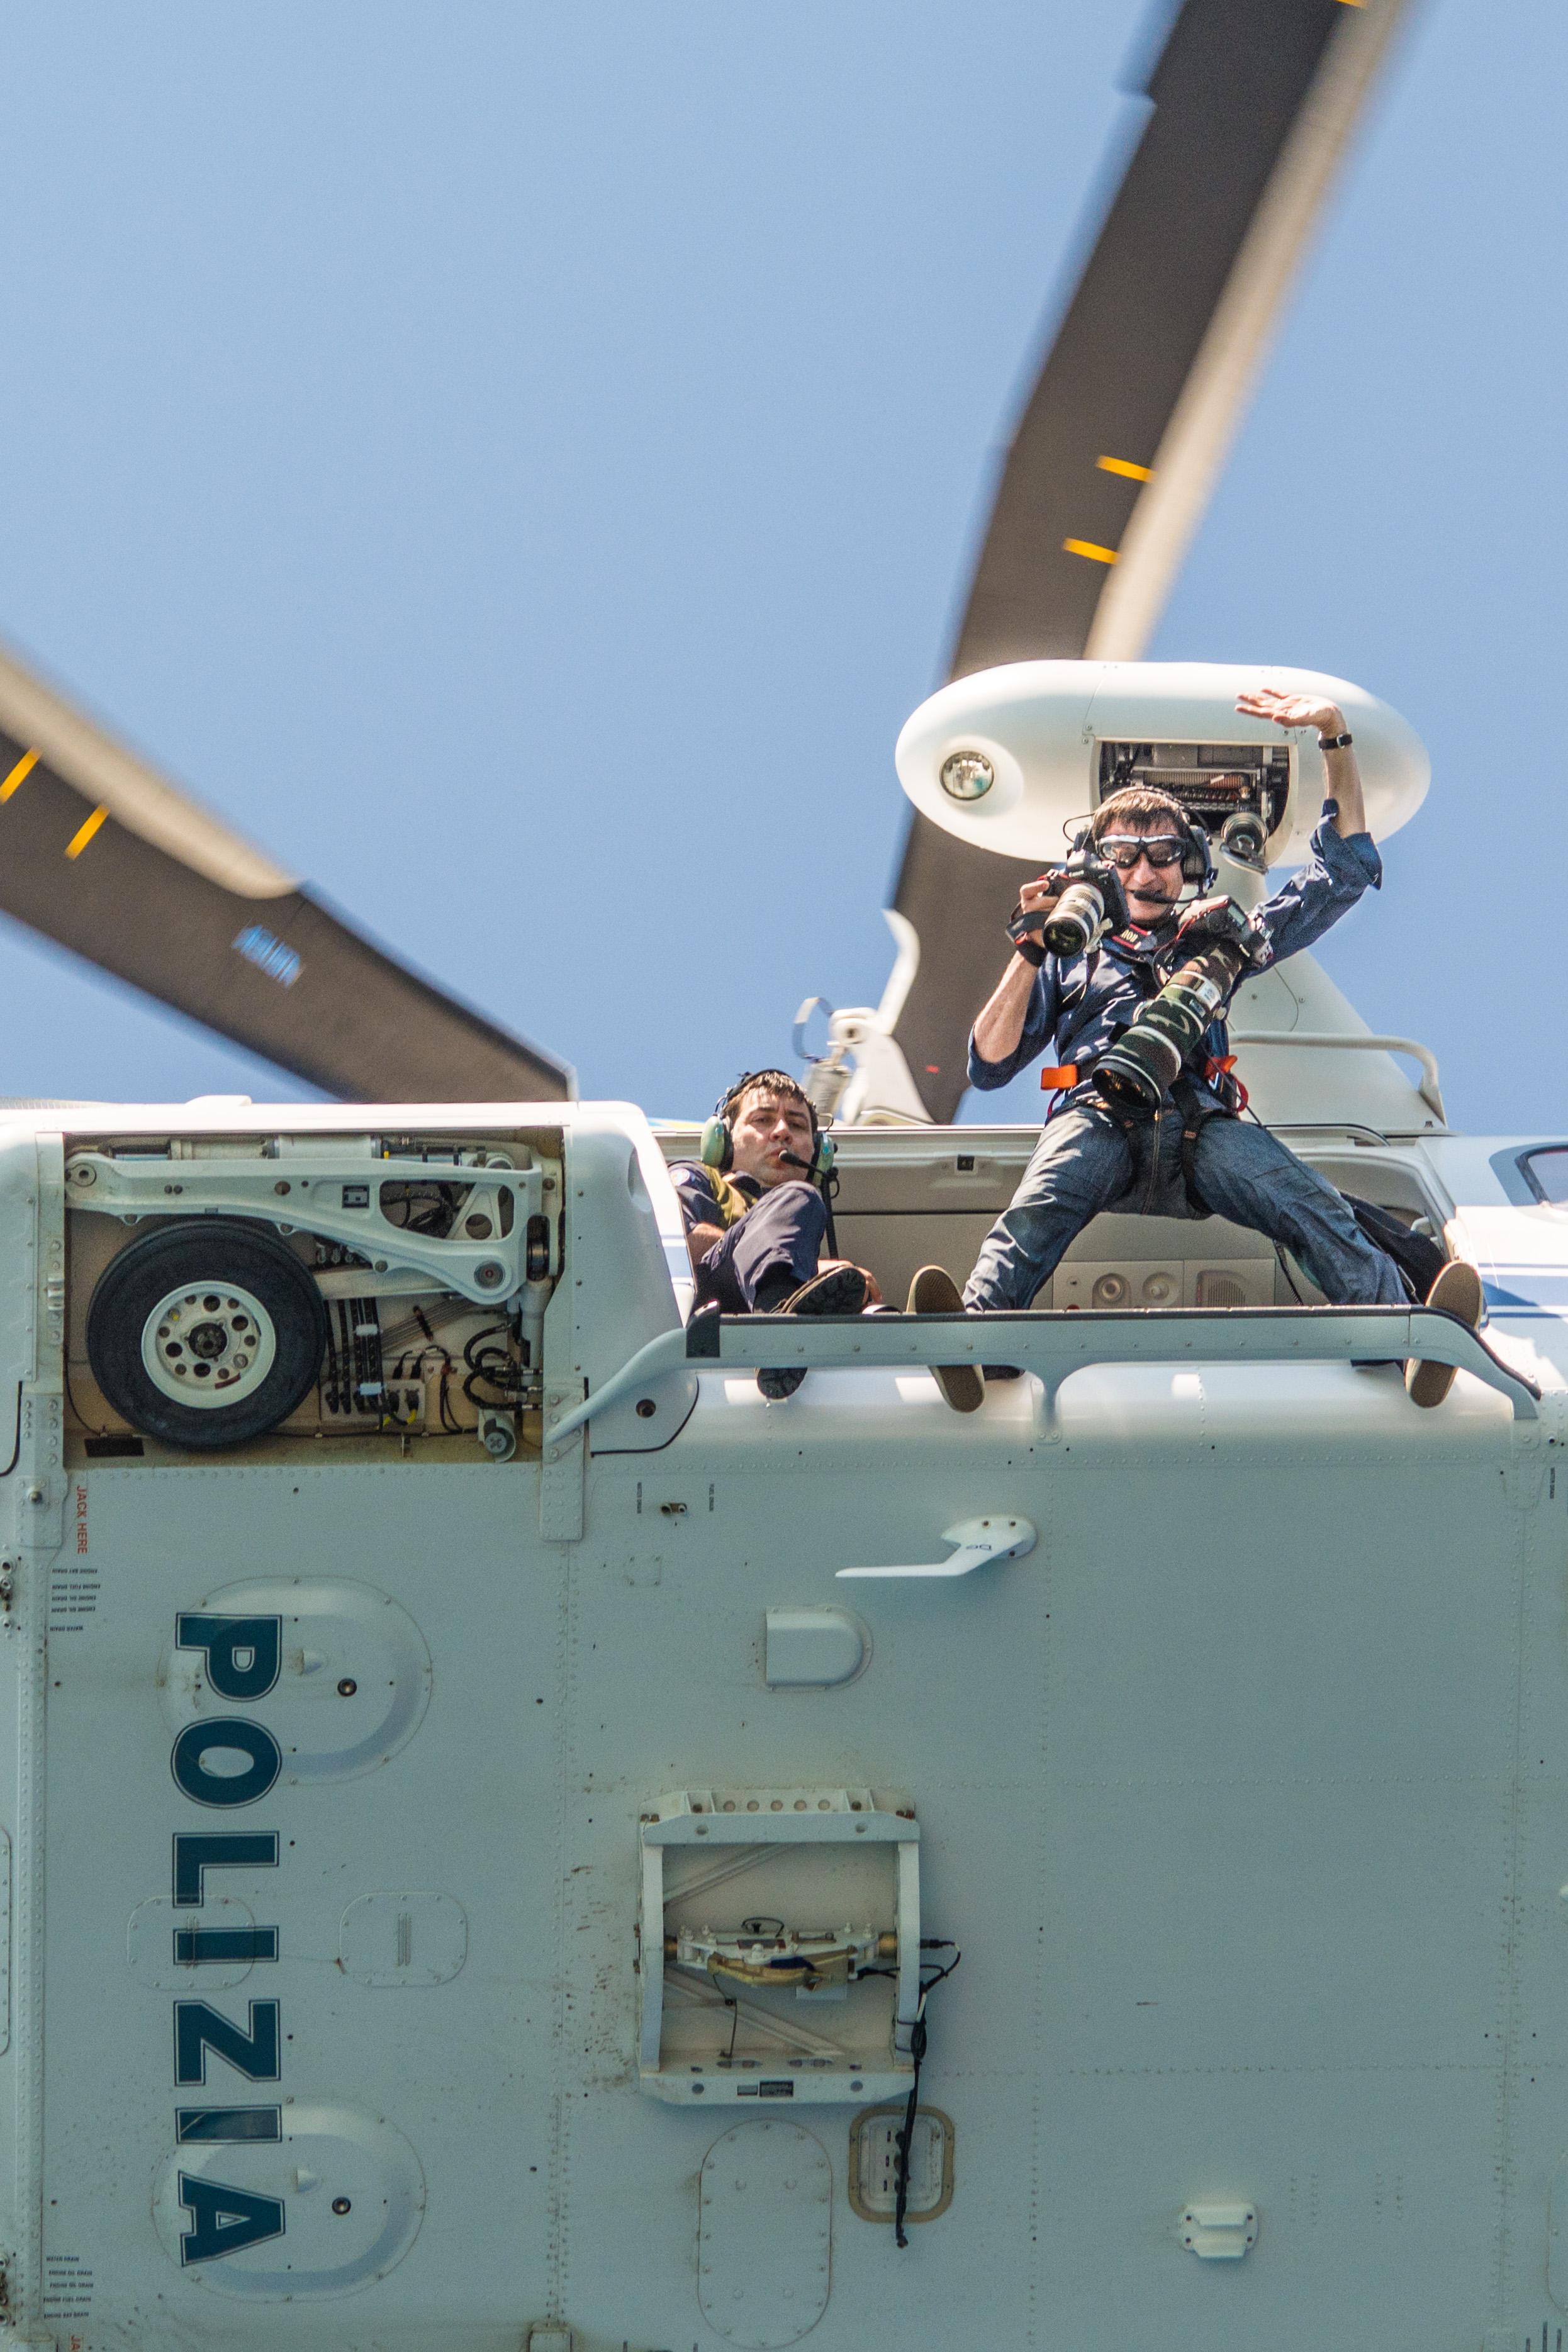 Tavolara (OL), Massimo Sestini fotoreporter imbracato fuori dall'elicottero della Polizia di Stato mentre realizza il calendario zenit 2016 2015-06-22 © Massimo Sestini